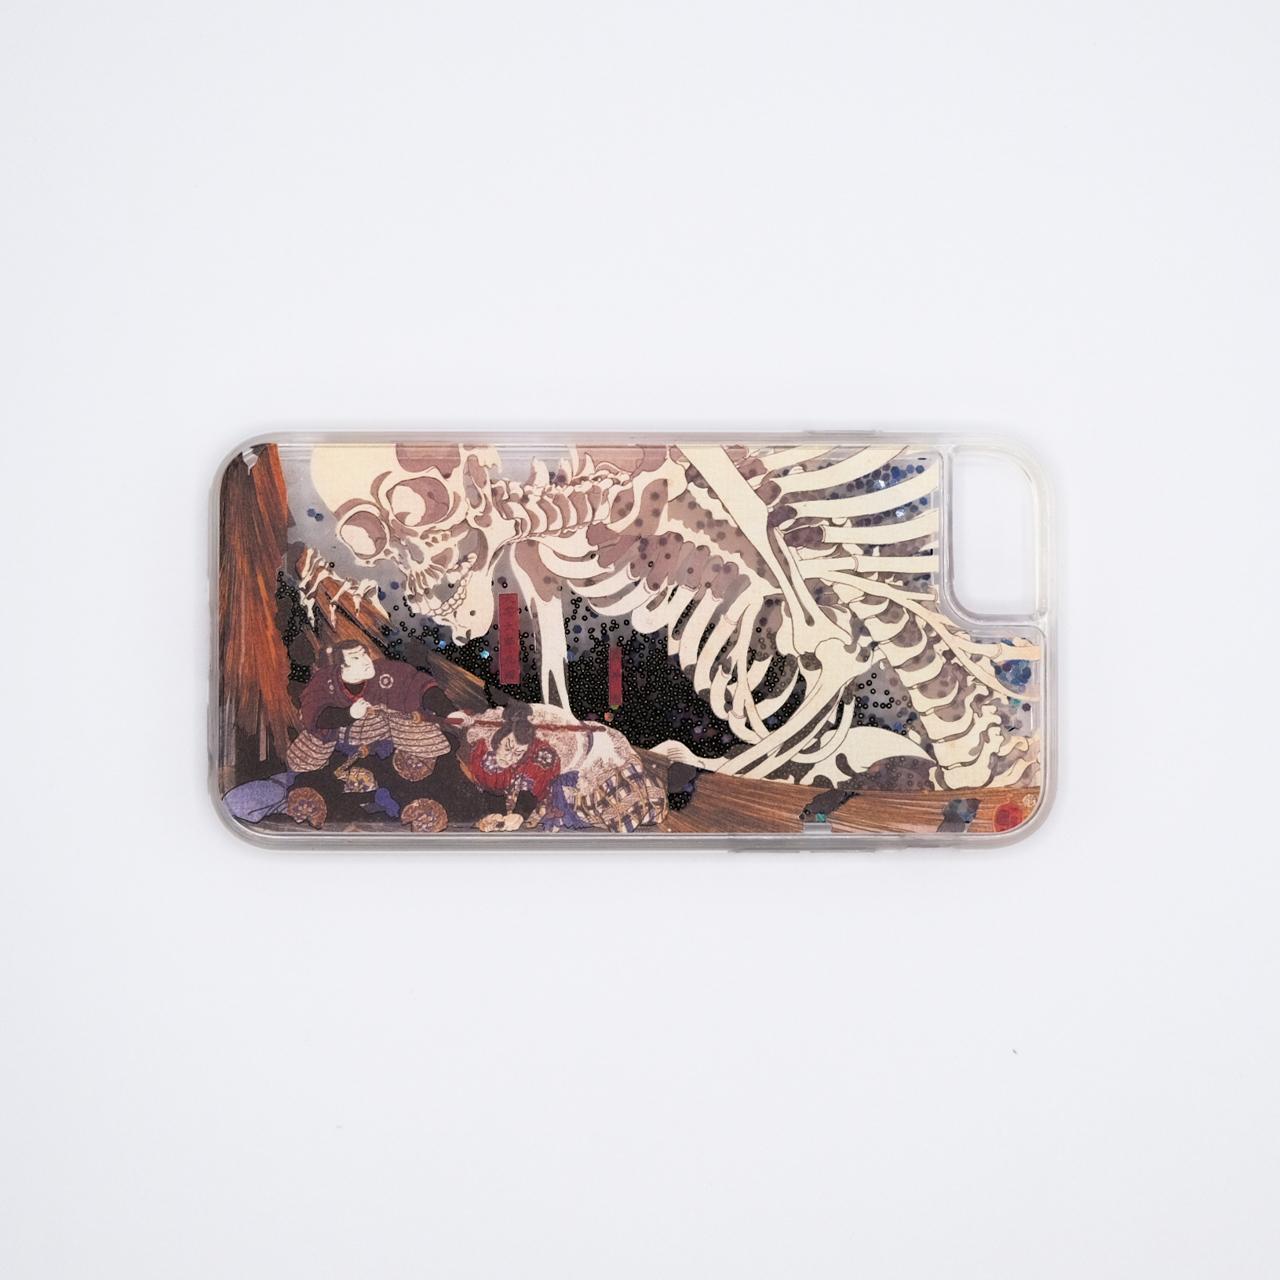 歌川国芳 iPhoneグリッターケース(SE第2世代/6/6s/7/8用)相馬の古内裏